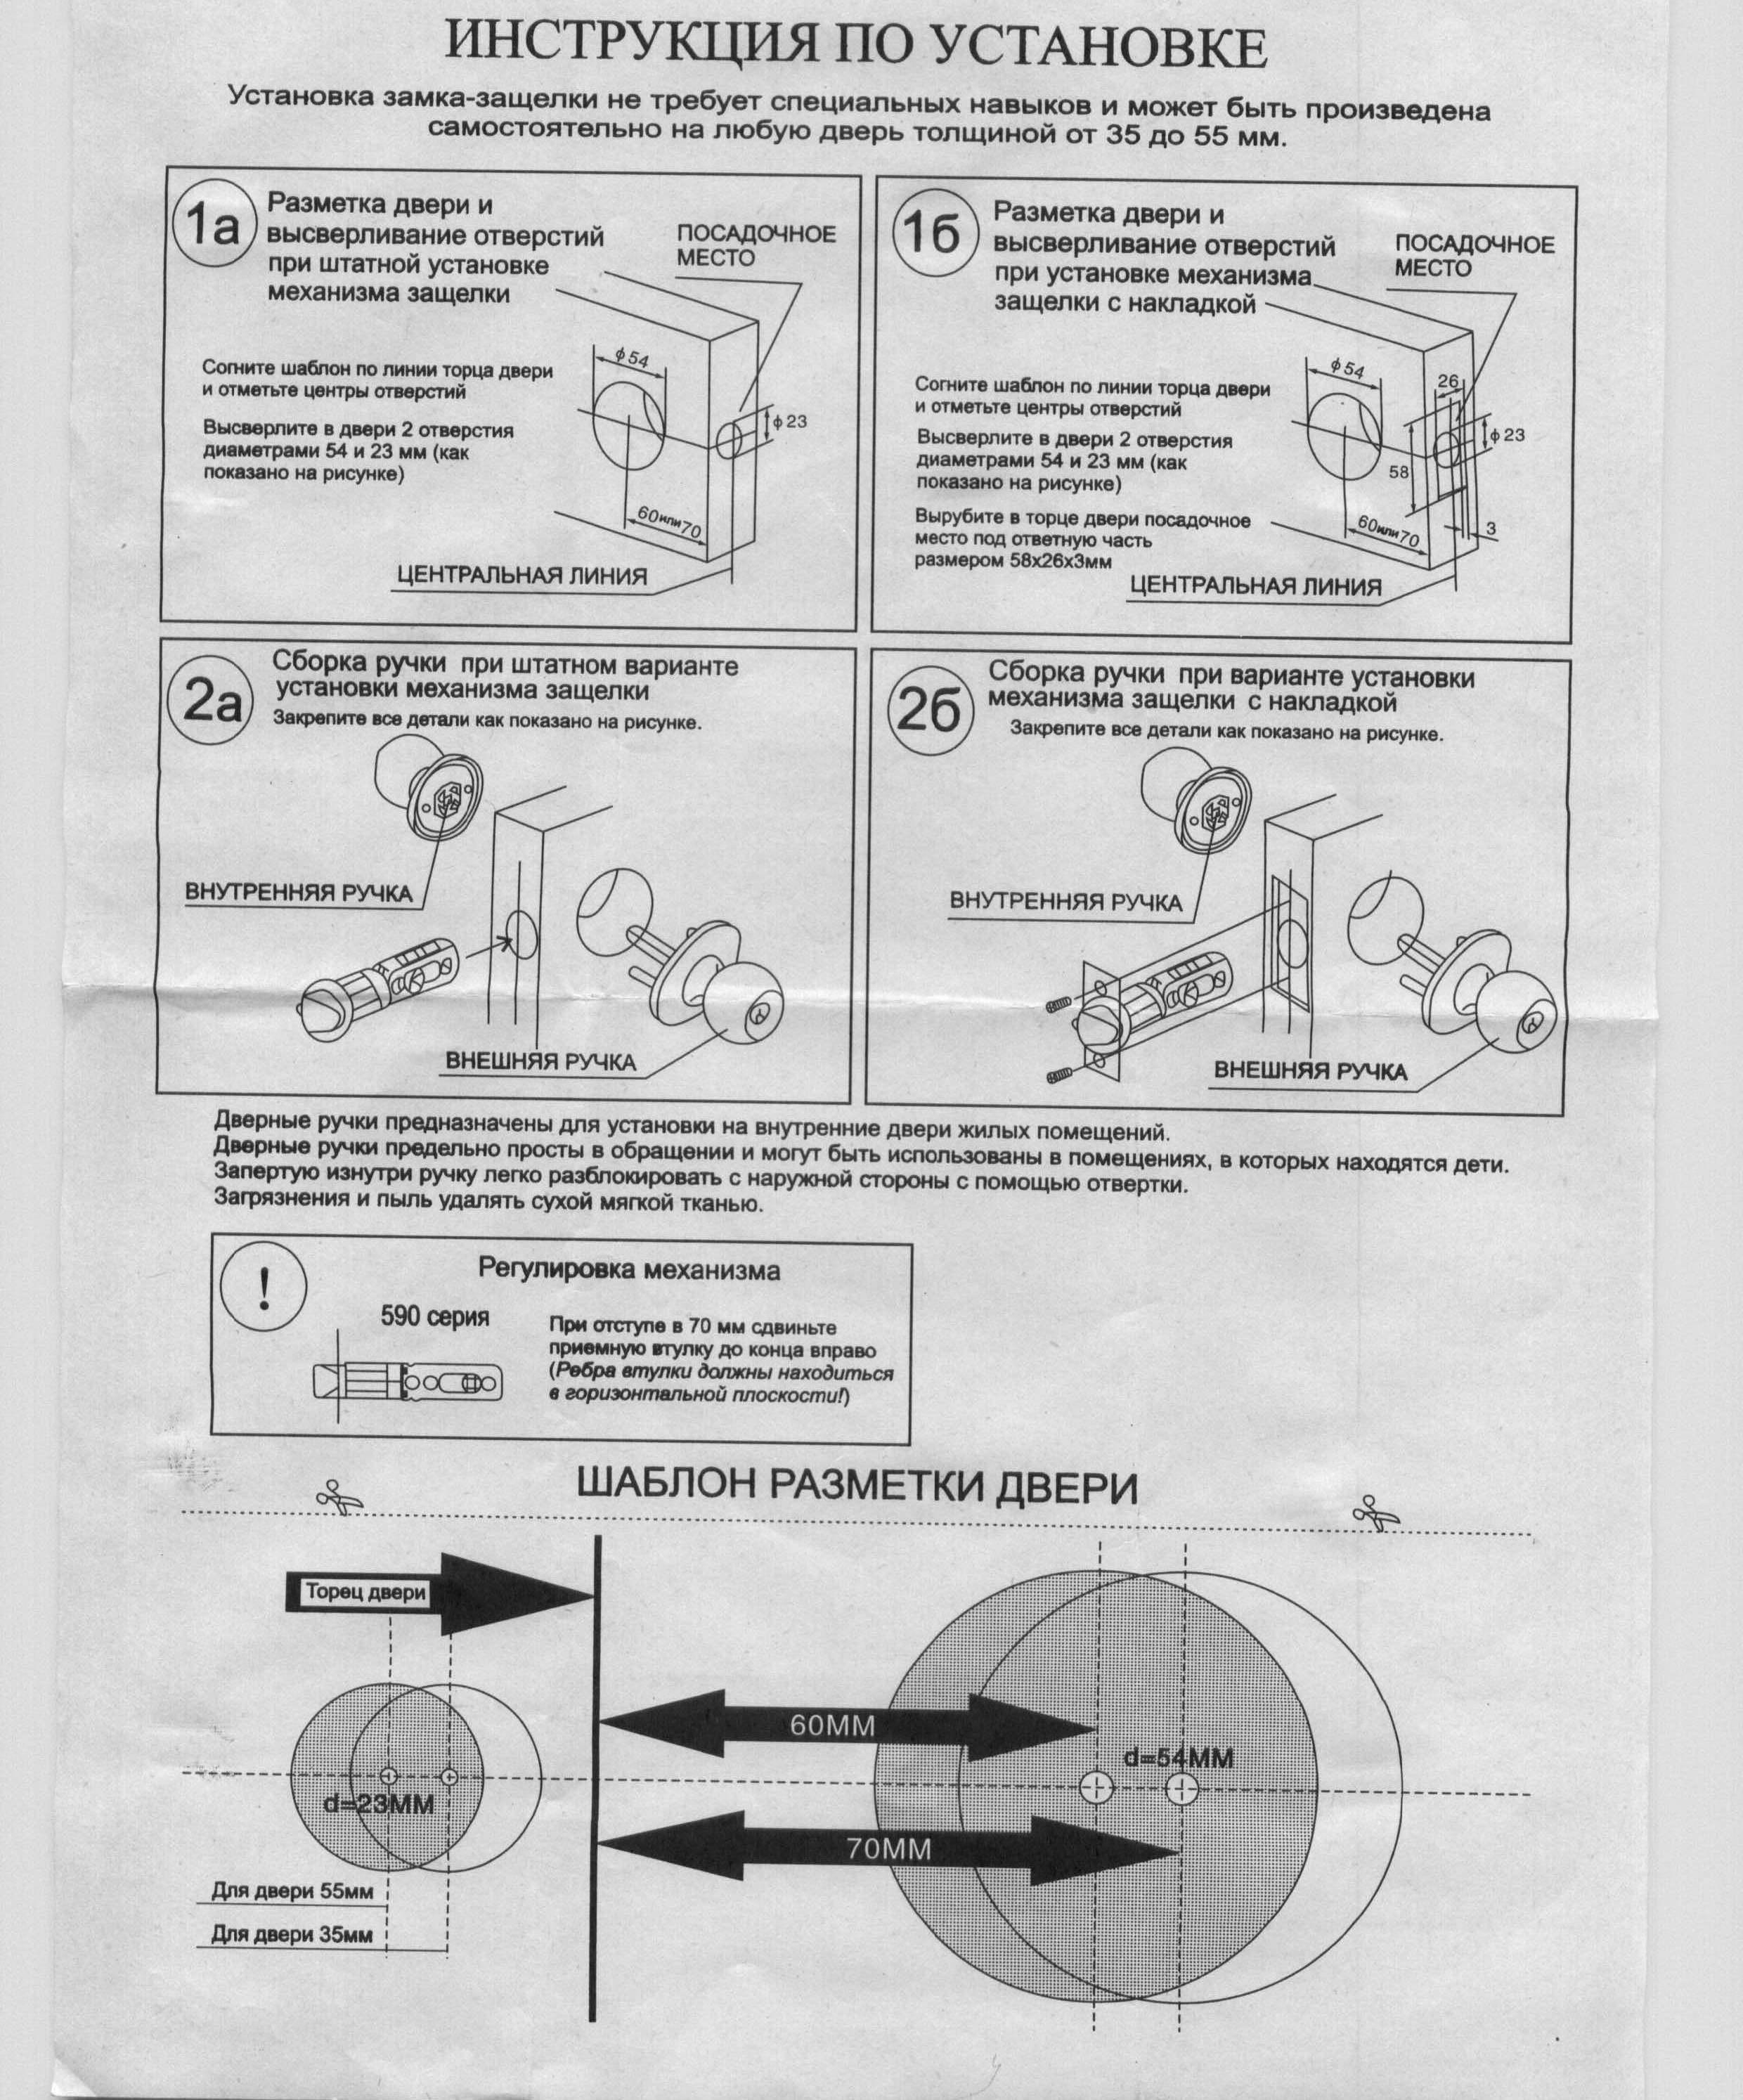 Инструкция по установке дверной замок